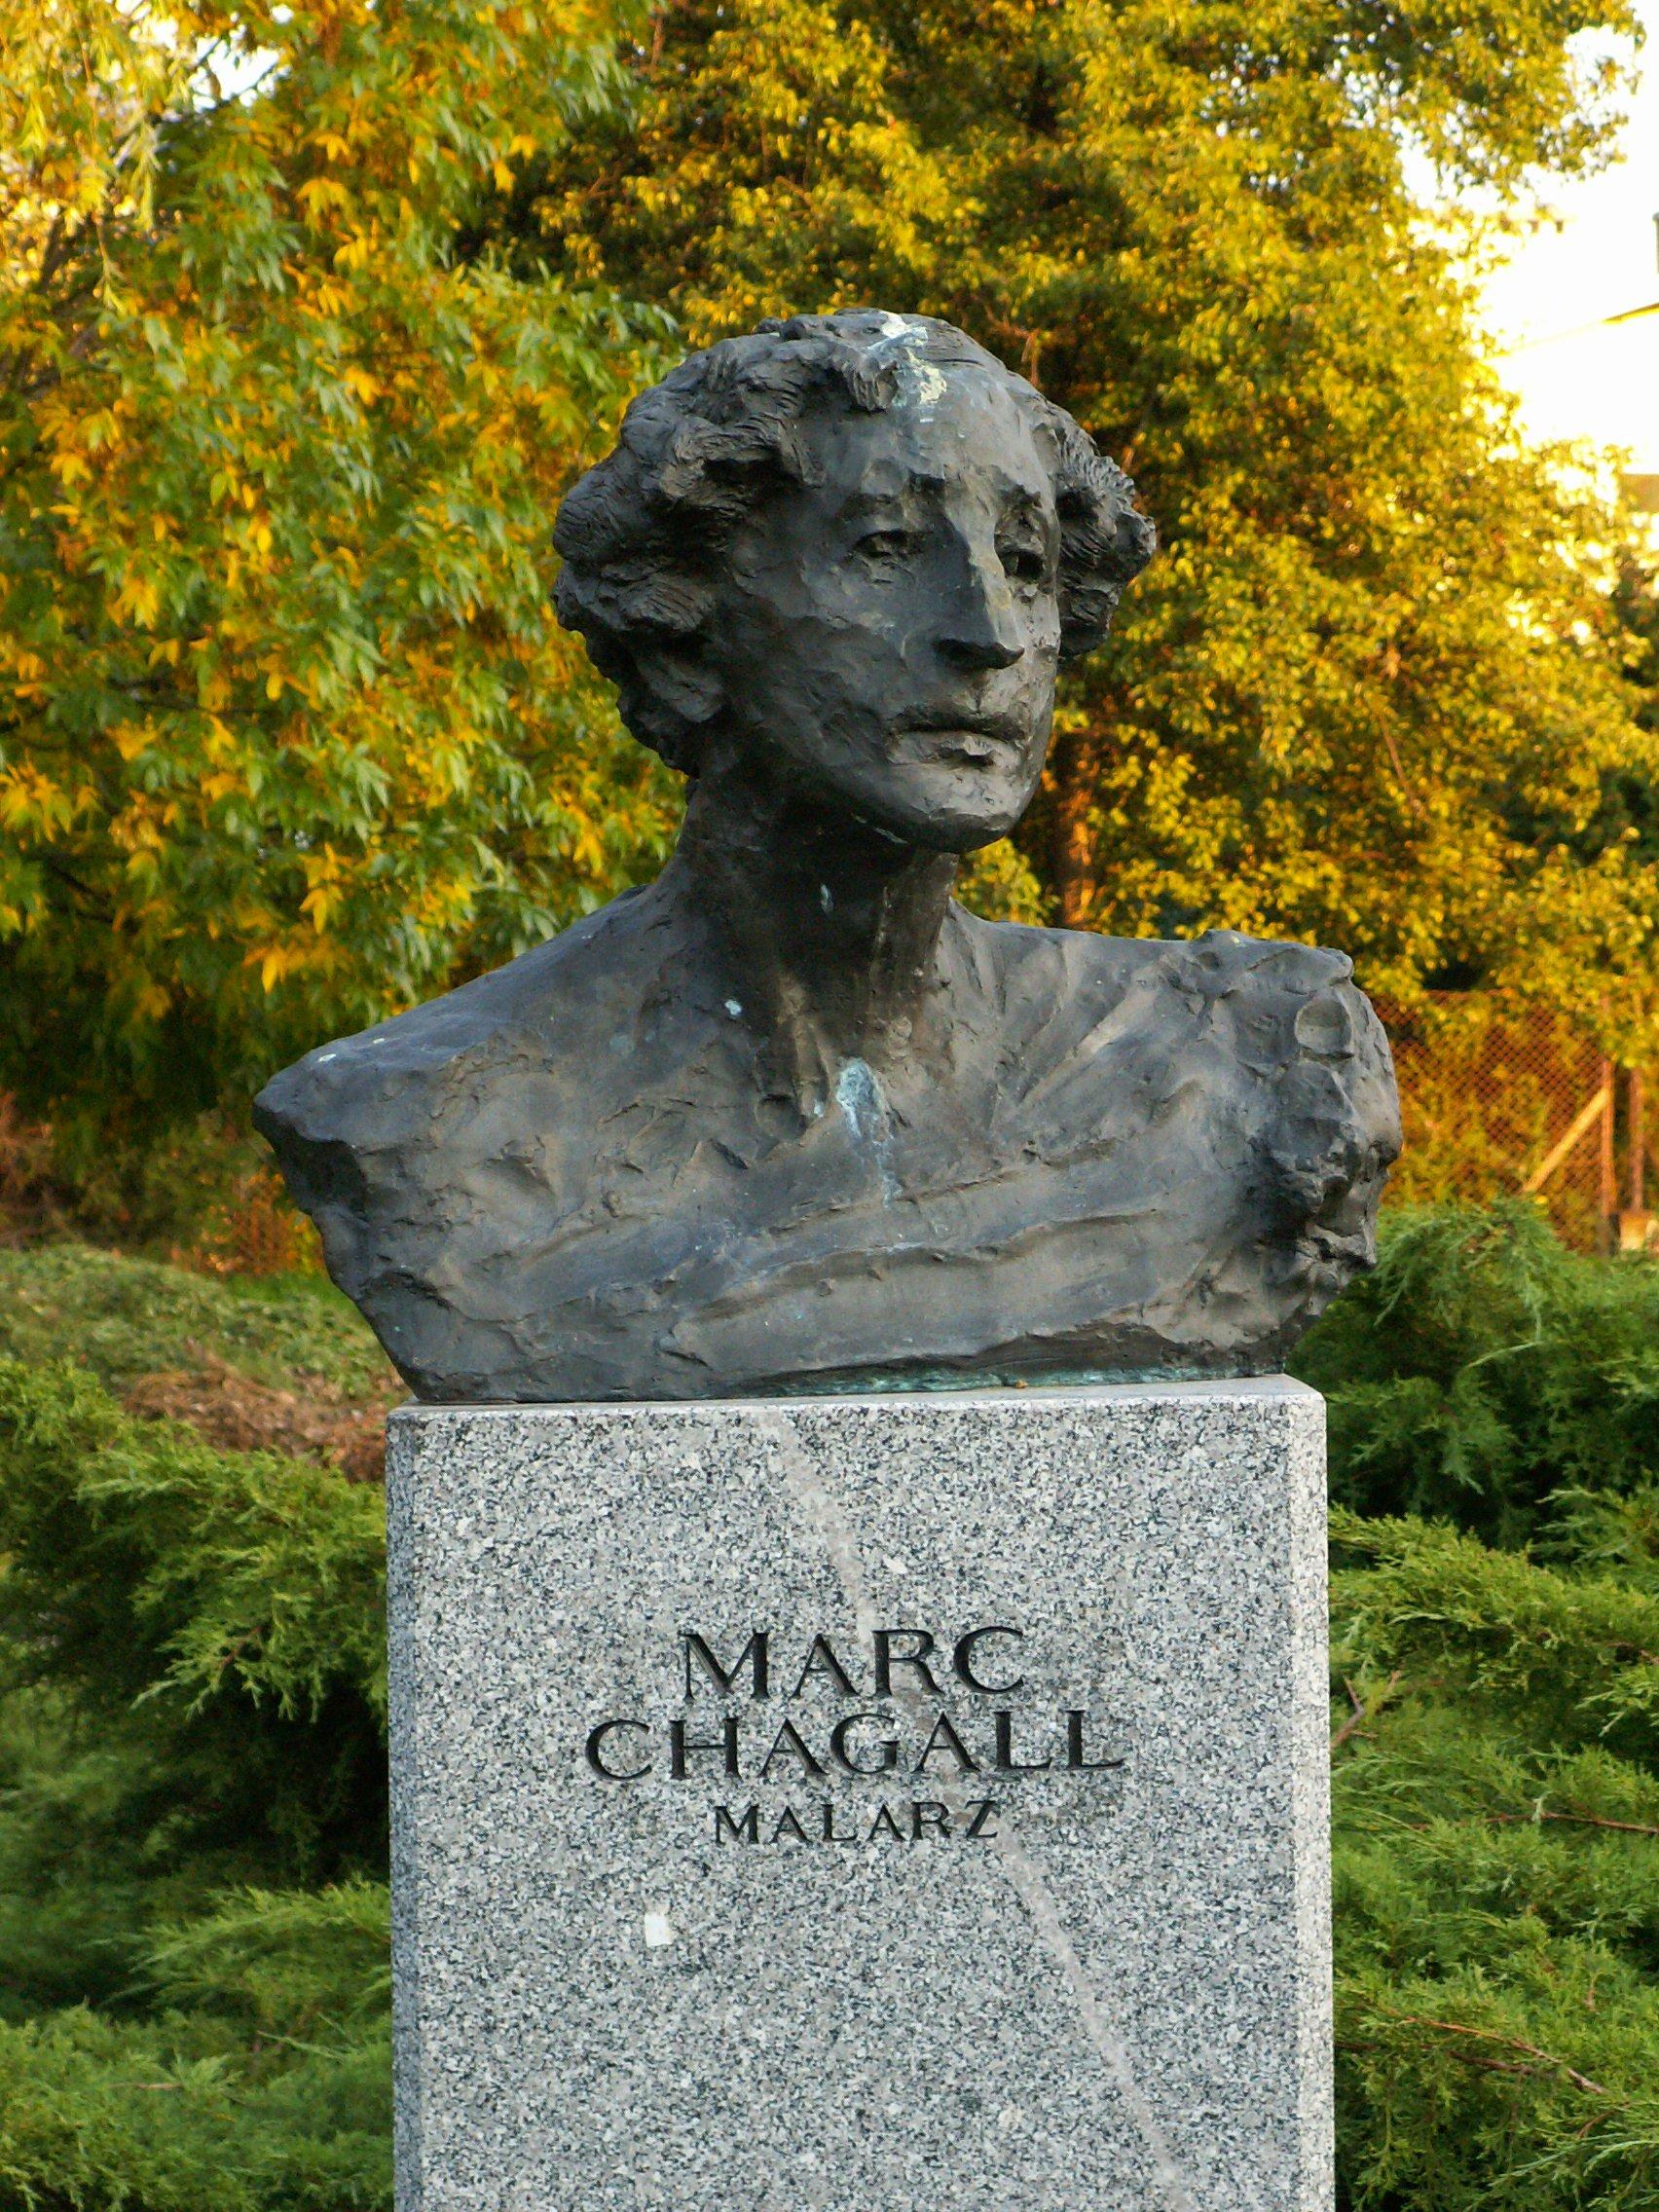 Marc Chagall Sein Werk Moderne Kunst Verstehen